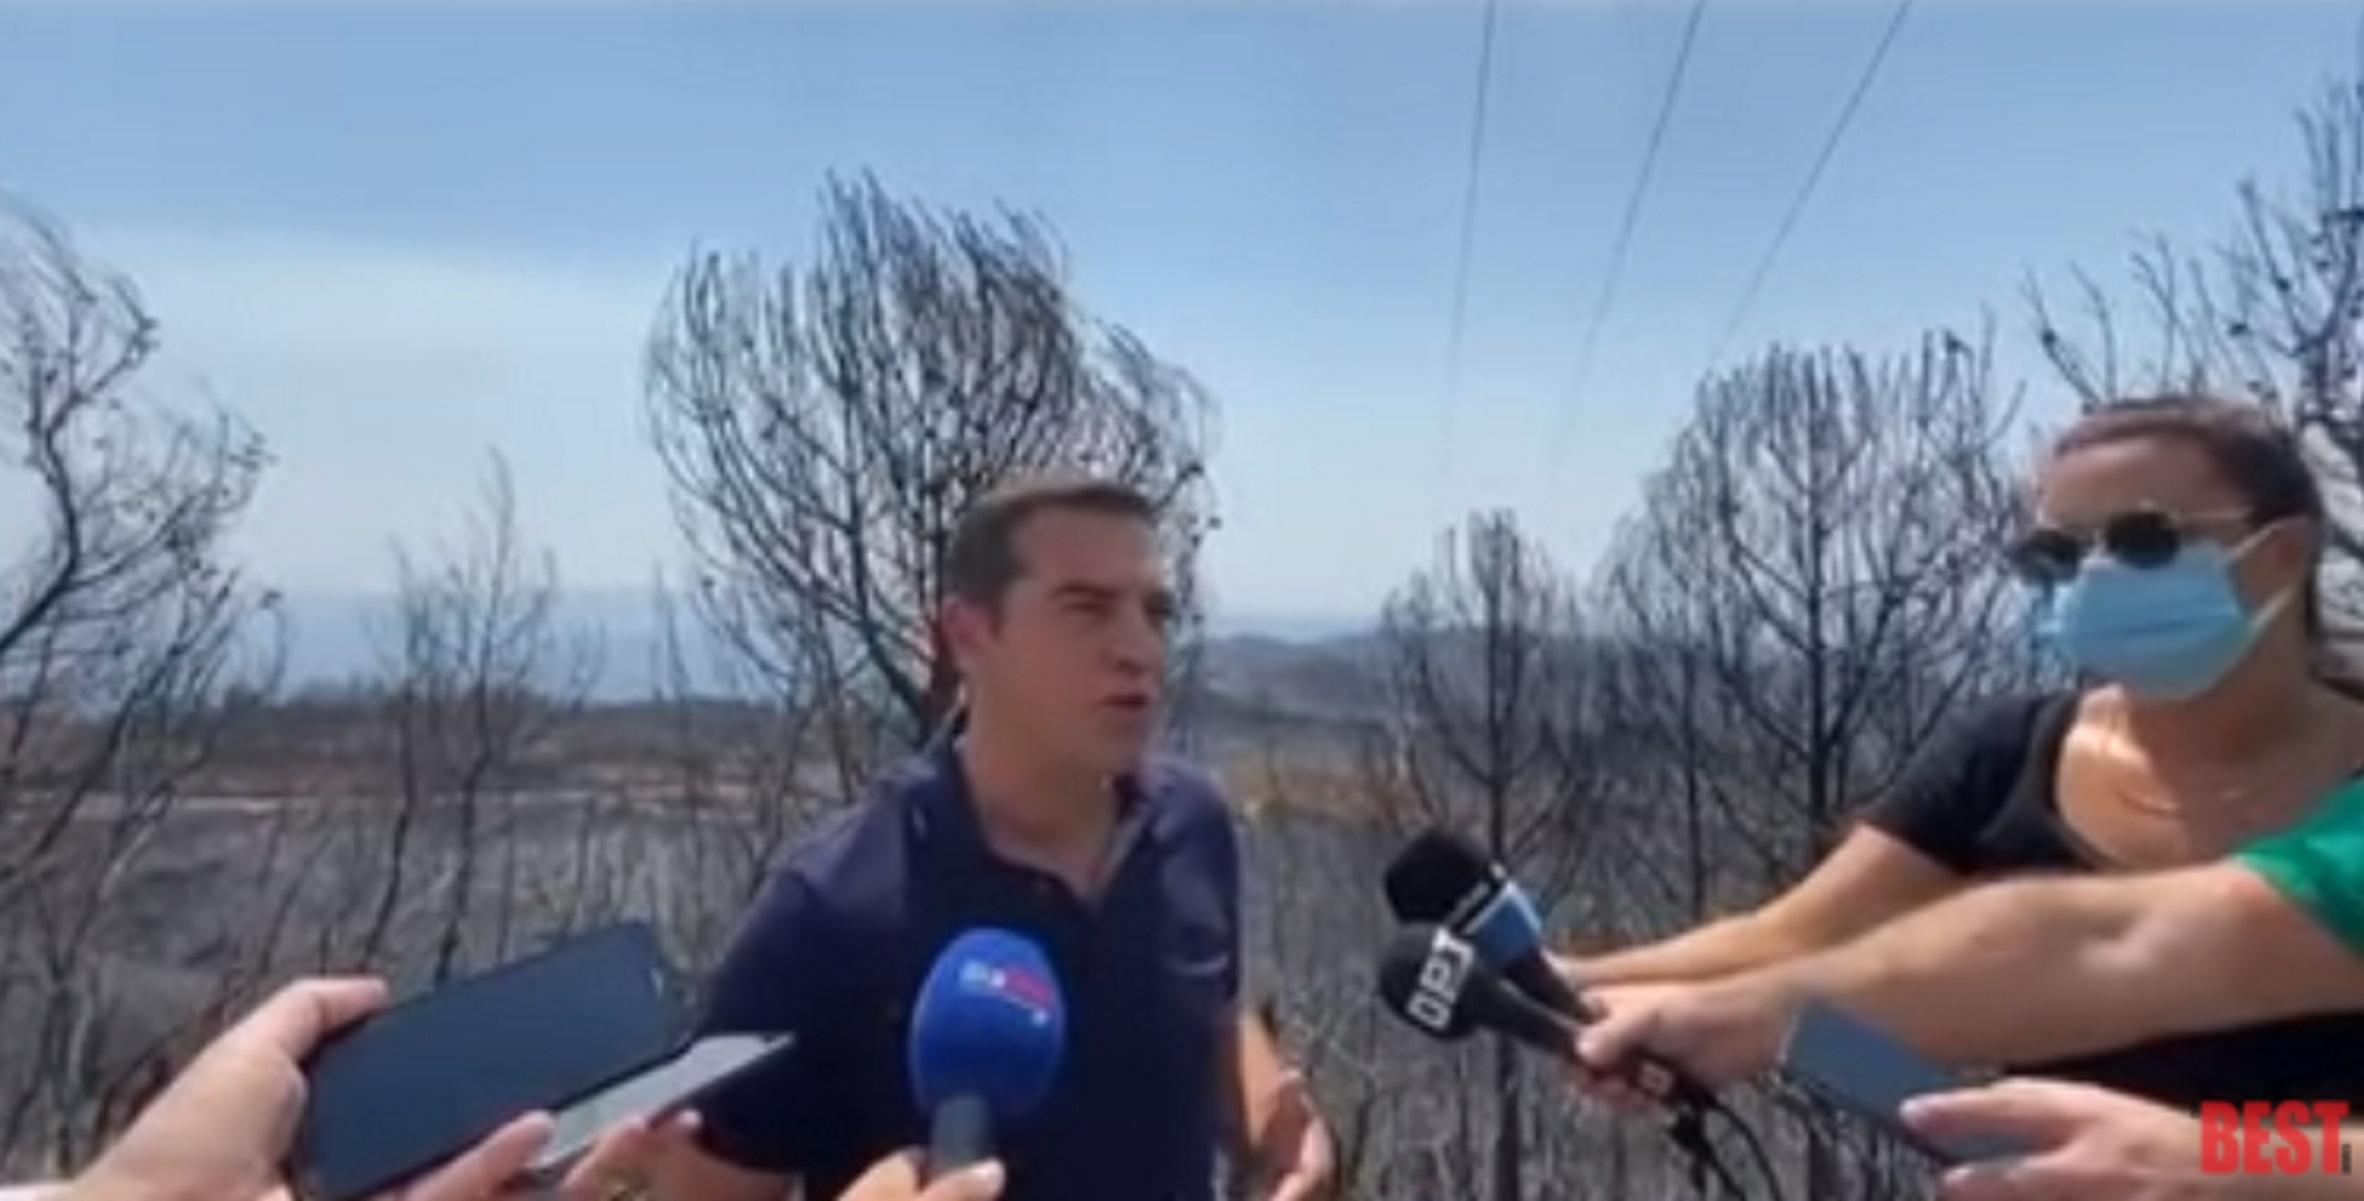 Φωτιά στην Ηλεία – Αλέξης Τσίπρας: O Κυριάκος Μητσοτάκης δεν έχει καταλάβει το μέγεθος της καταστροφής